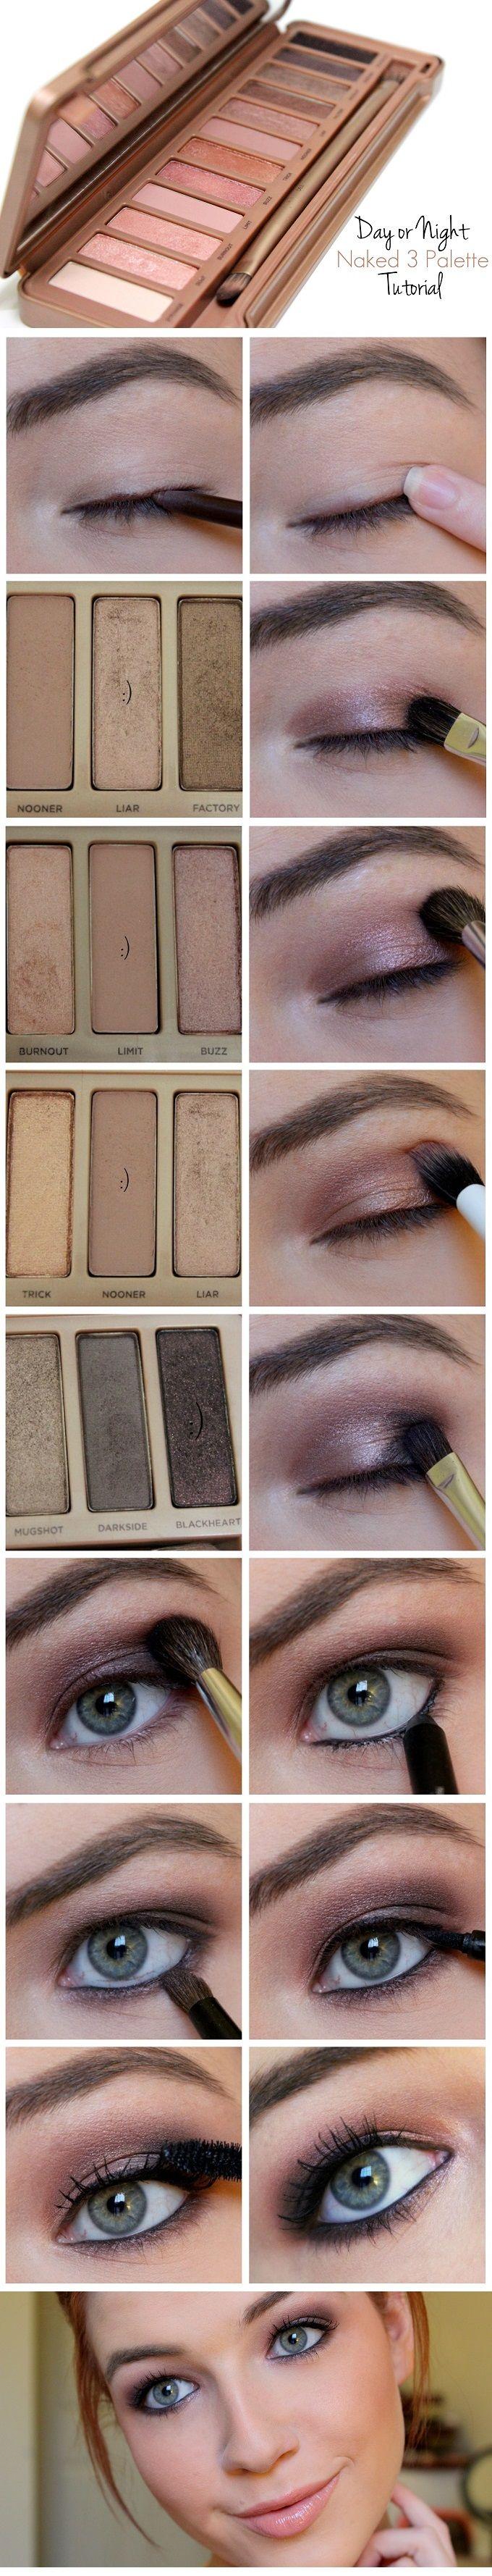 Naked 3 Palette: Easy Day or Night Smokey Eye